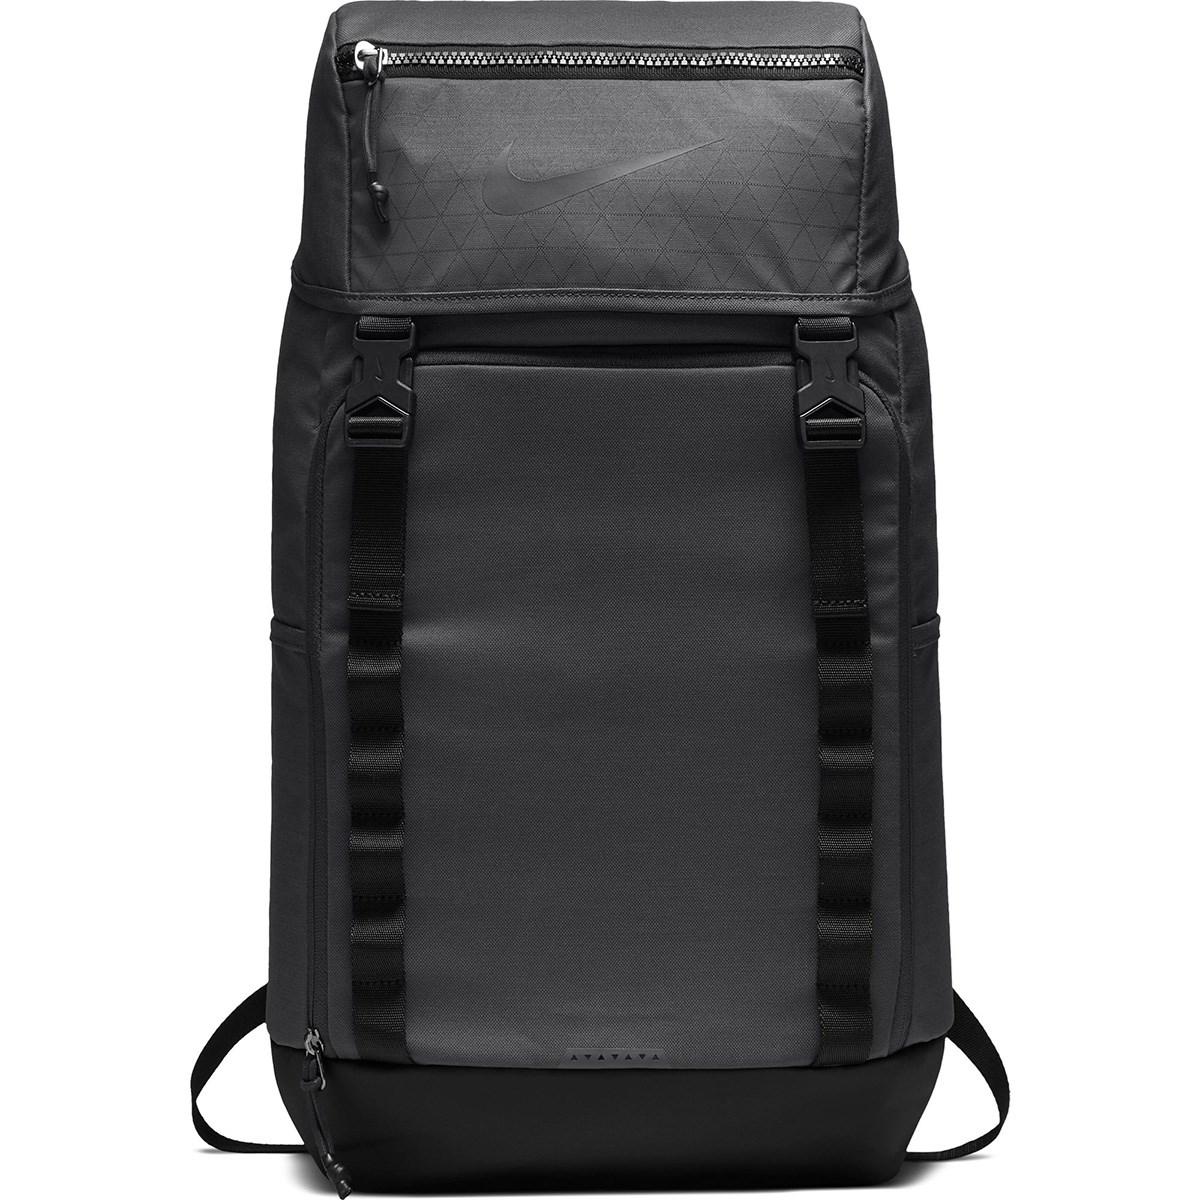 ナイキ NIKE ヴェイパー スピード バックパック 2.0 ブラック/ブラック/(ブラック) 011